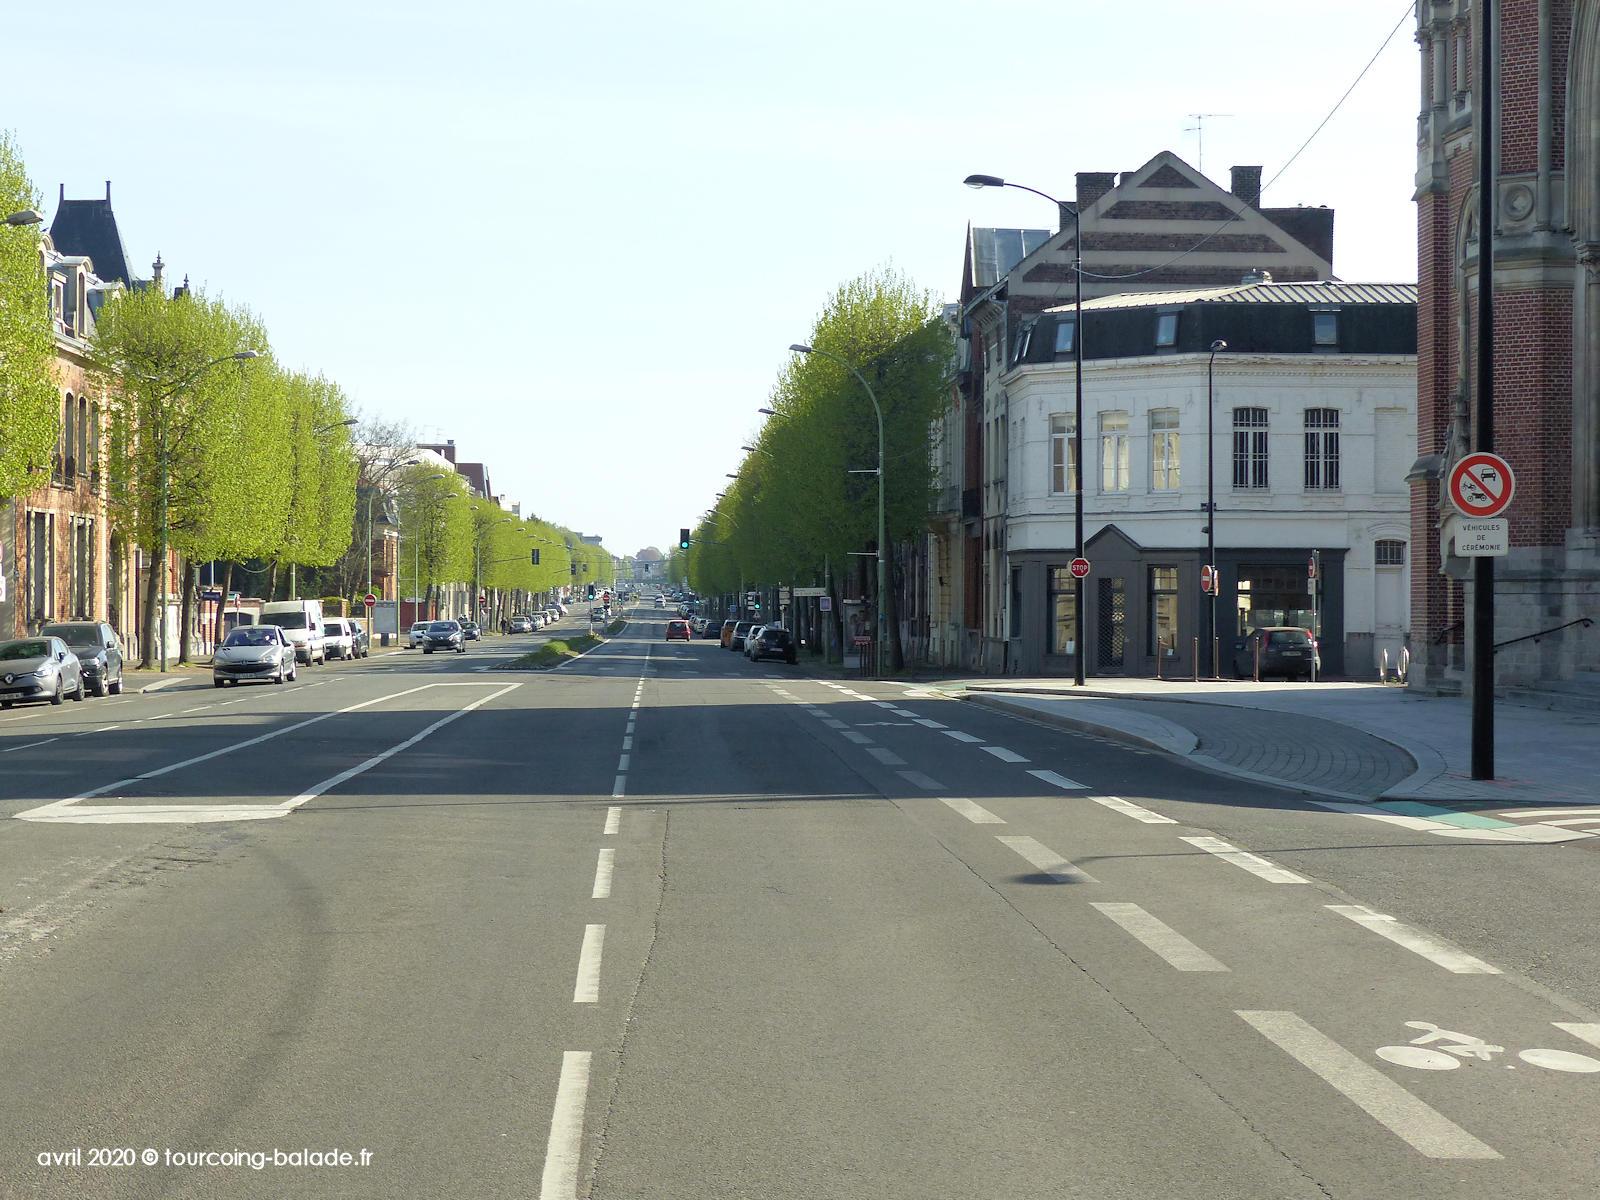 Boulevard Gambetta, Tourcoing 2020